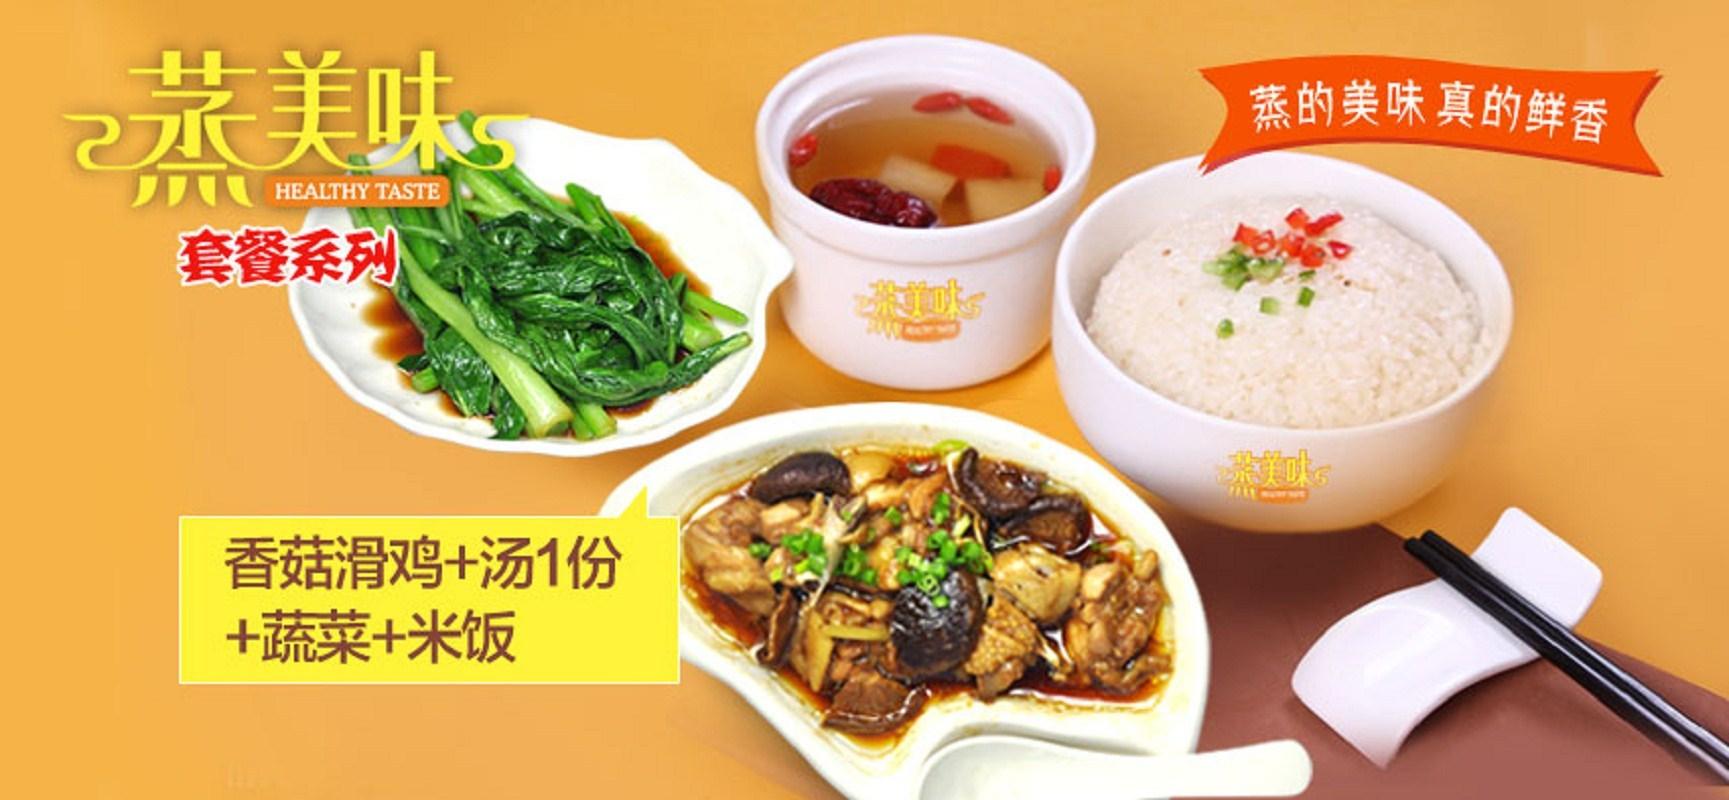 2019快餐 排行榜_速食食品 小吃 外卖快餐 炒菜图片 高清图 细节图 嘉善